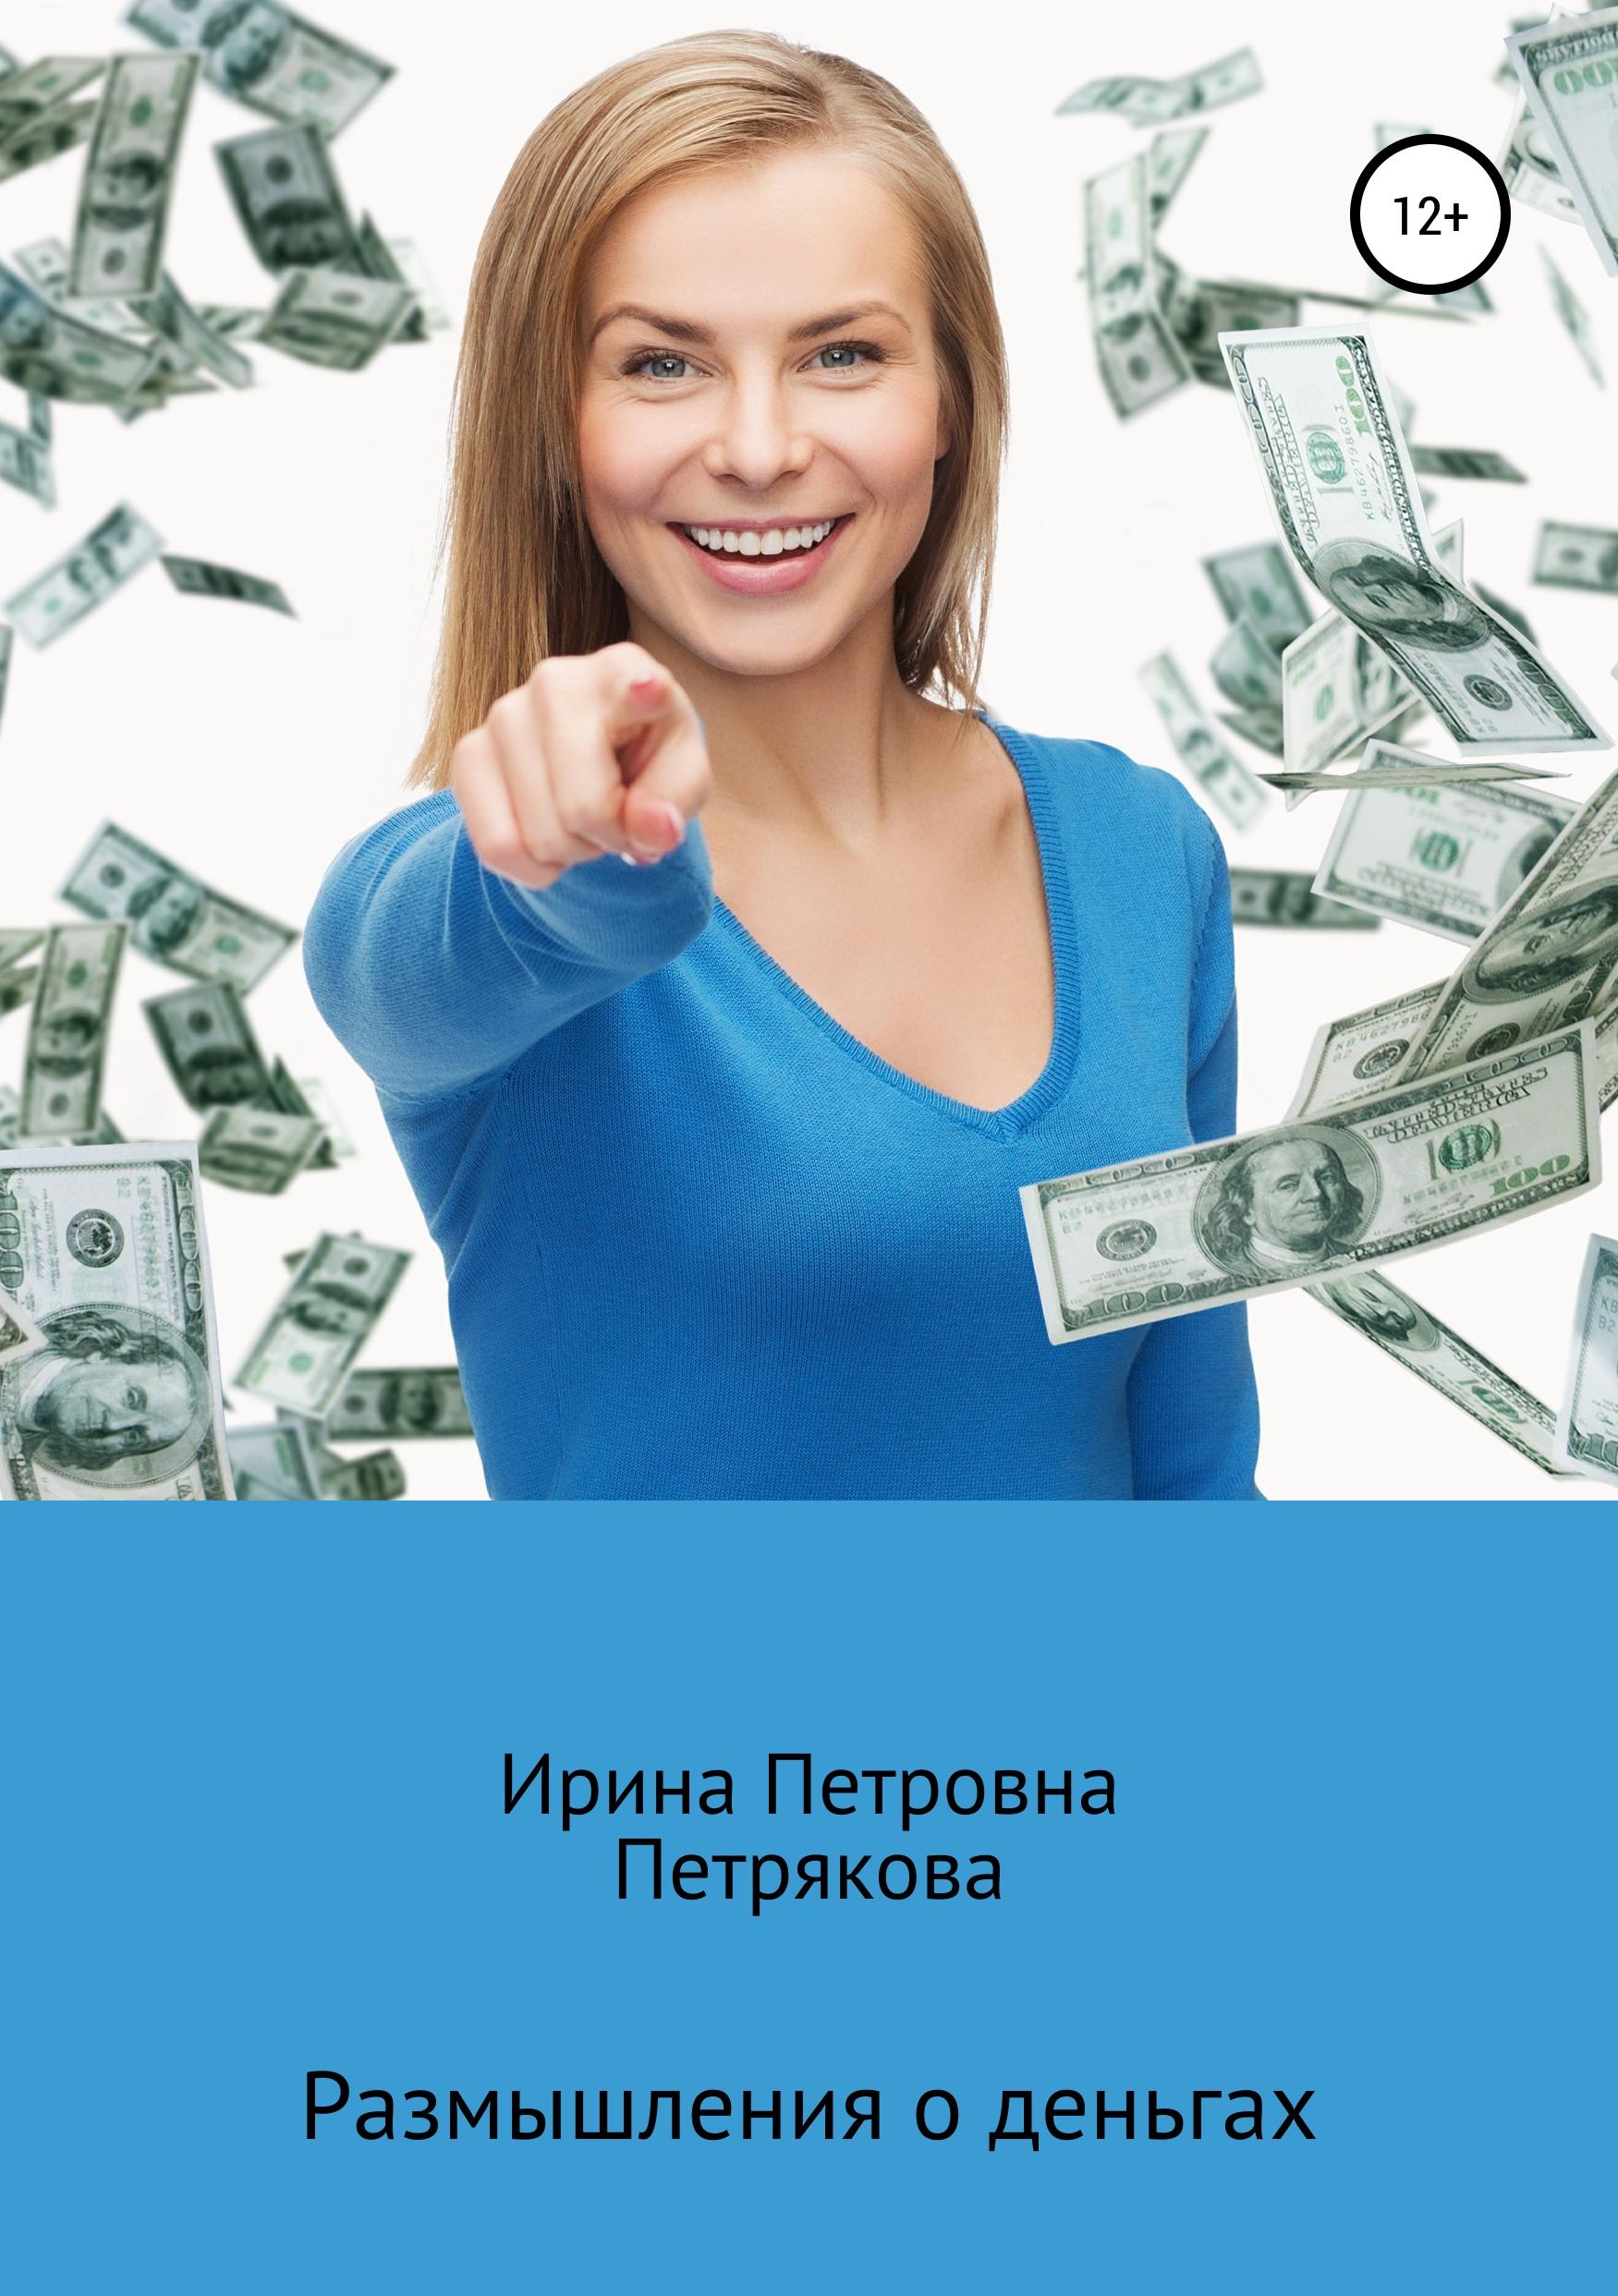 Ирина Петровна Петрякова Размышления о деньгах екатерина мурашова всемы родом издетства